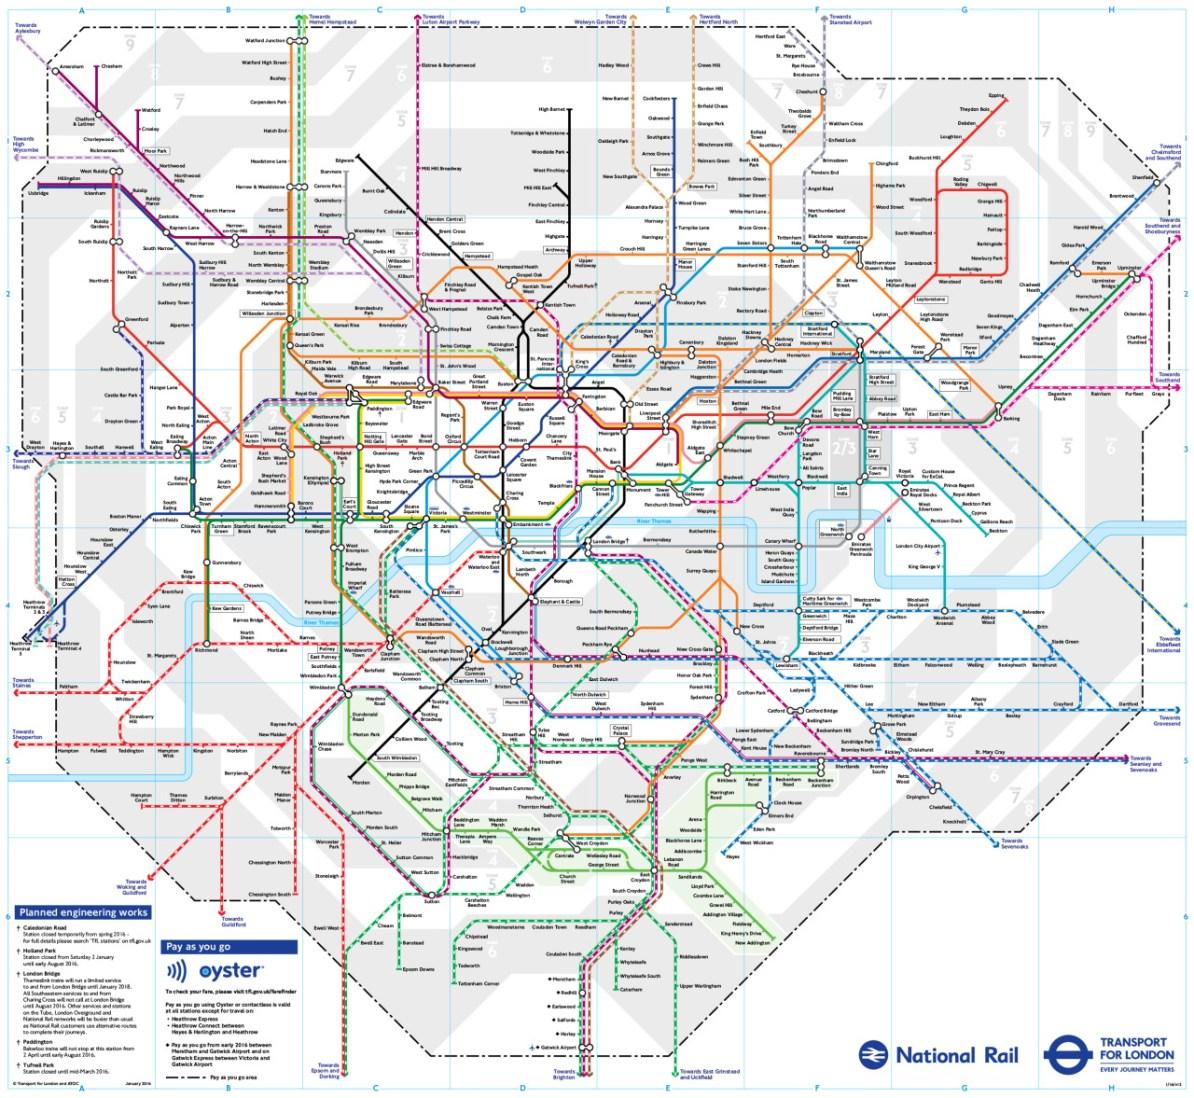 London Transit Map Transit Maps: Europe